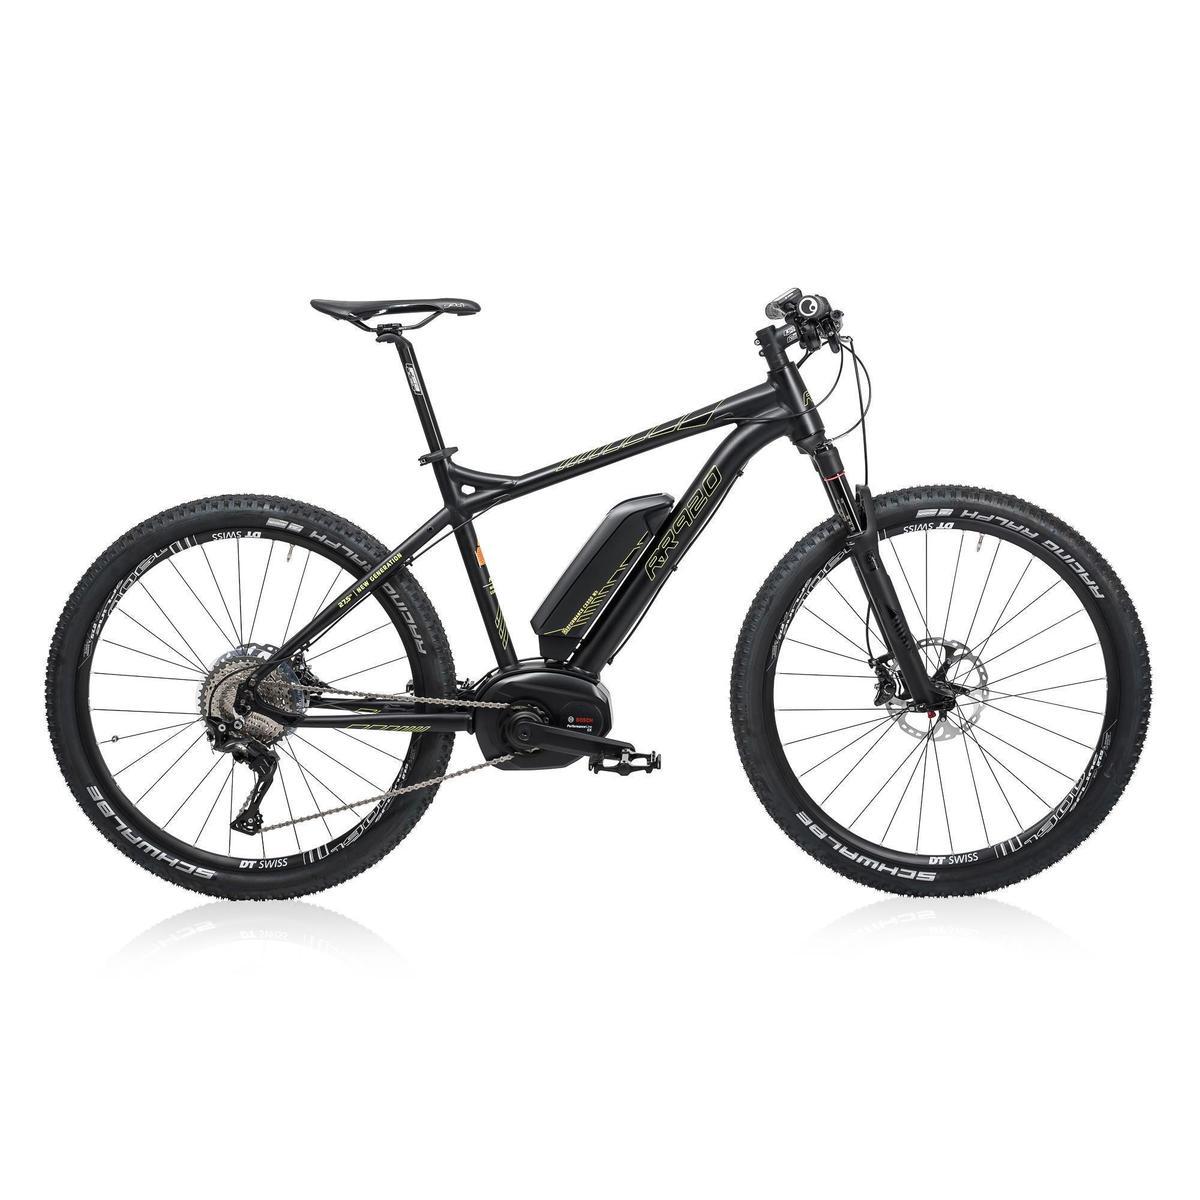 Bild 1 von E-MTB RR920 Performance CX 2018 500WH Alu schwarz/gelb